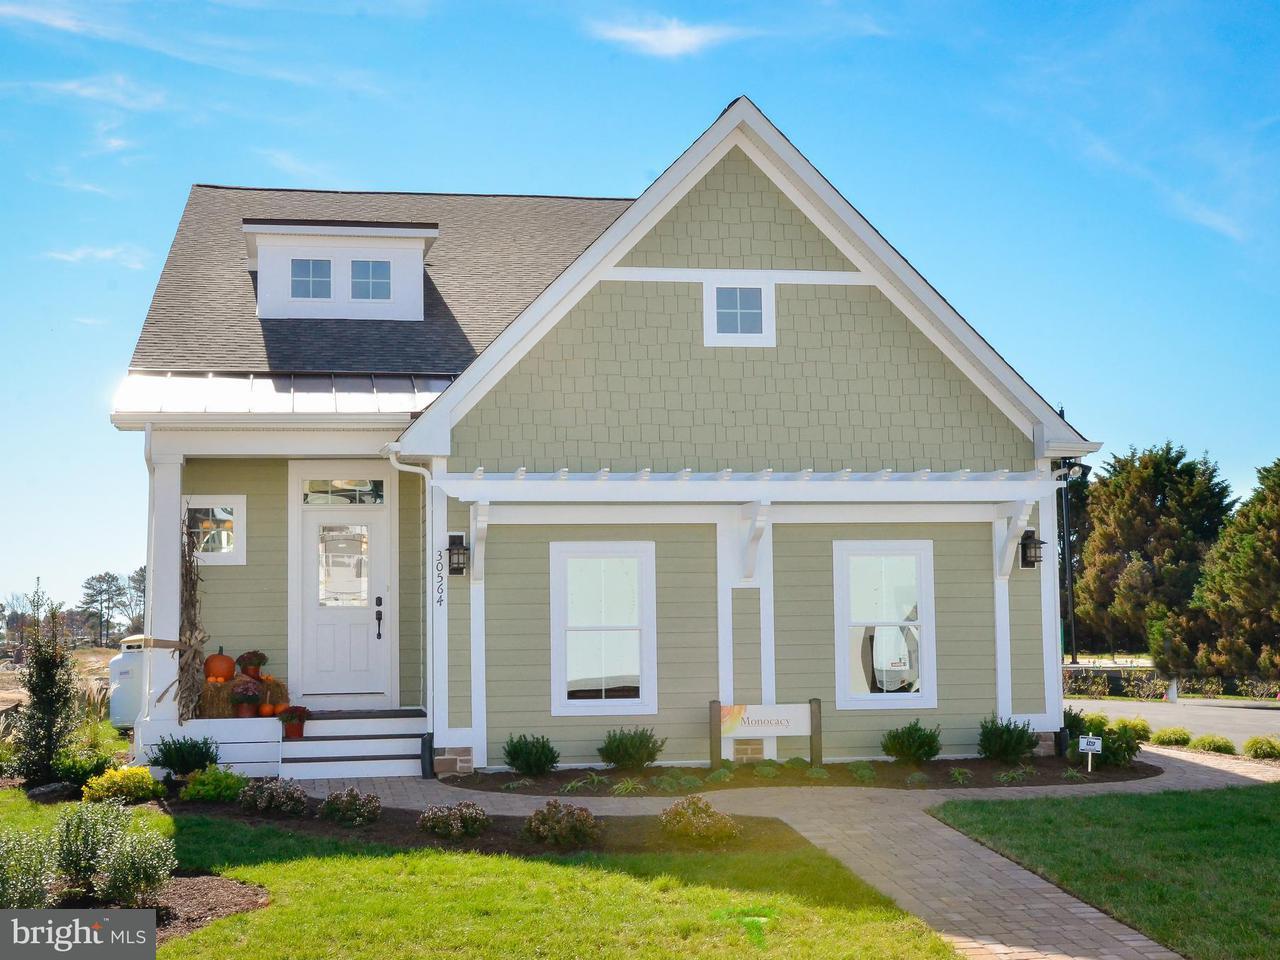 一戸建て のために 売買 アット 3014 TURNSTILE WAY 3014 TURNSTILE WAY Odenton, メリーランド 21113 アメリカ合衆国